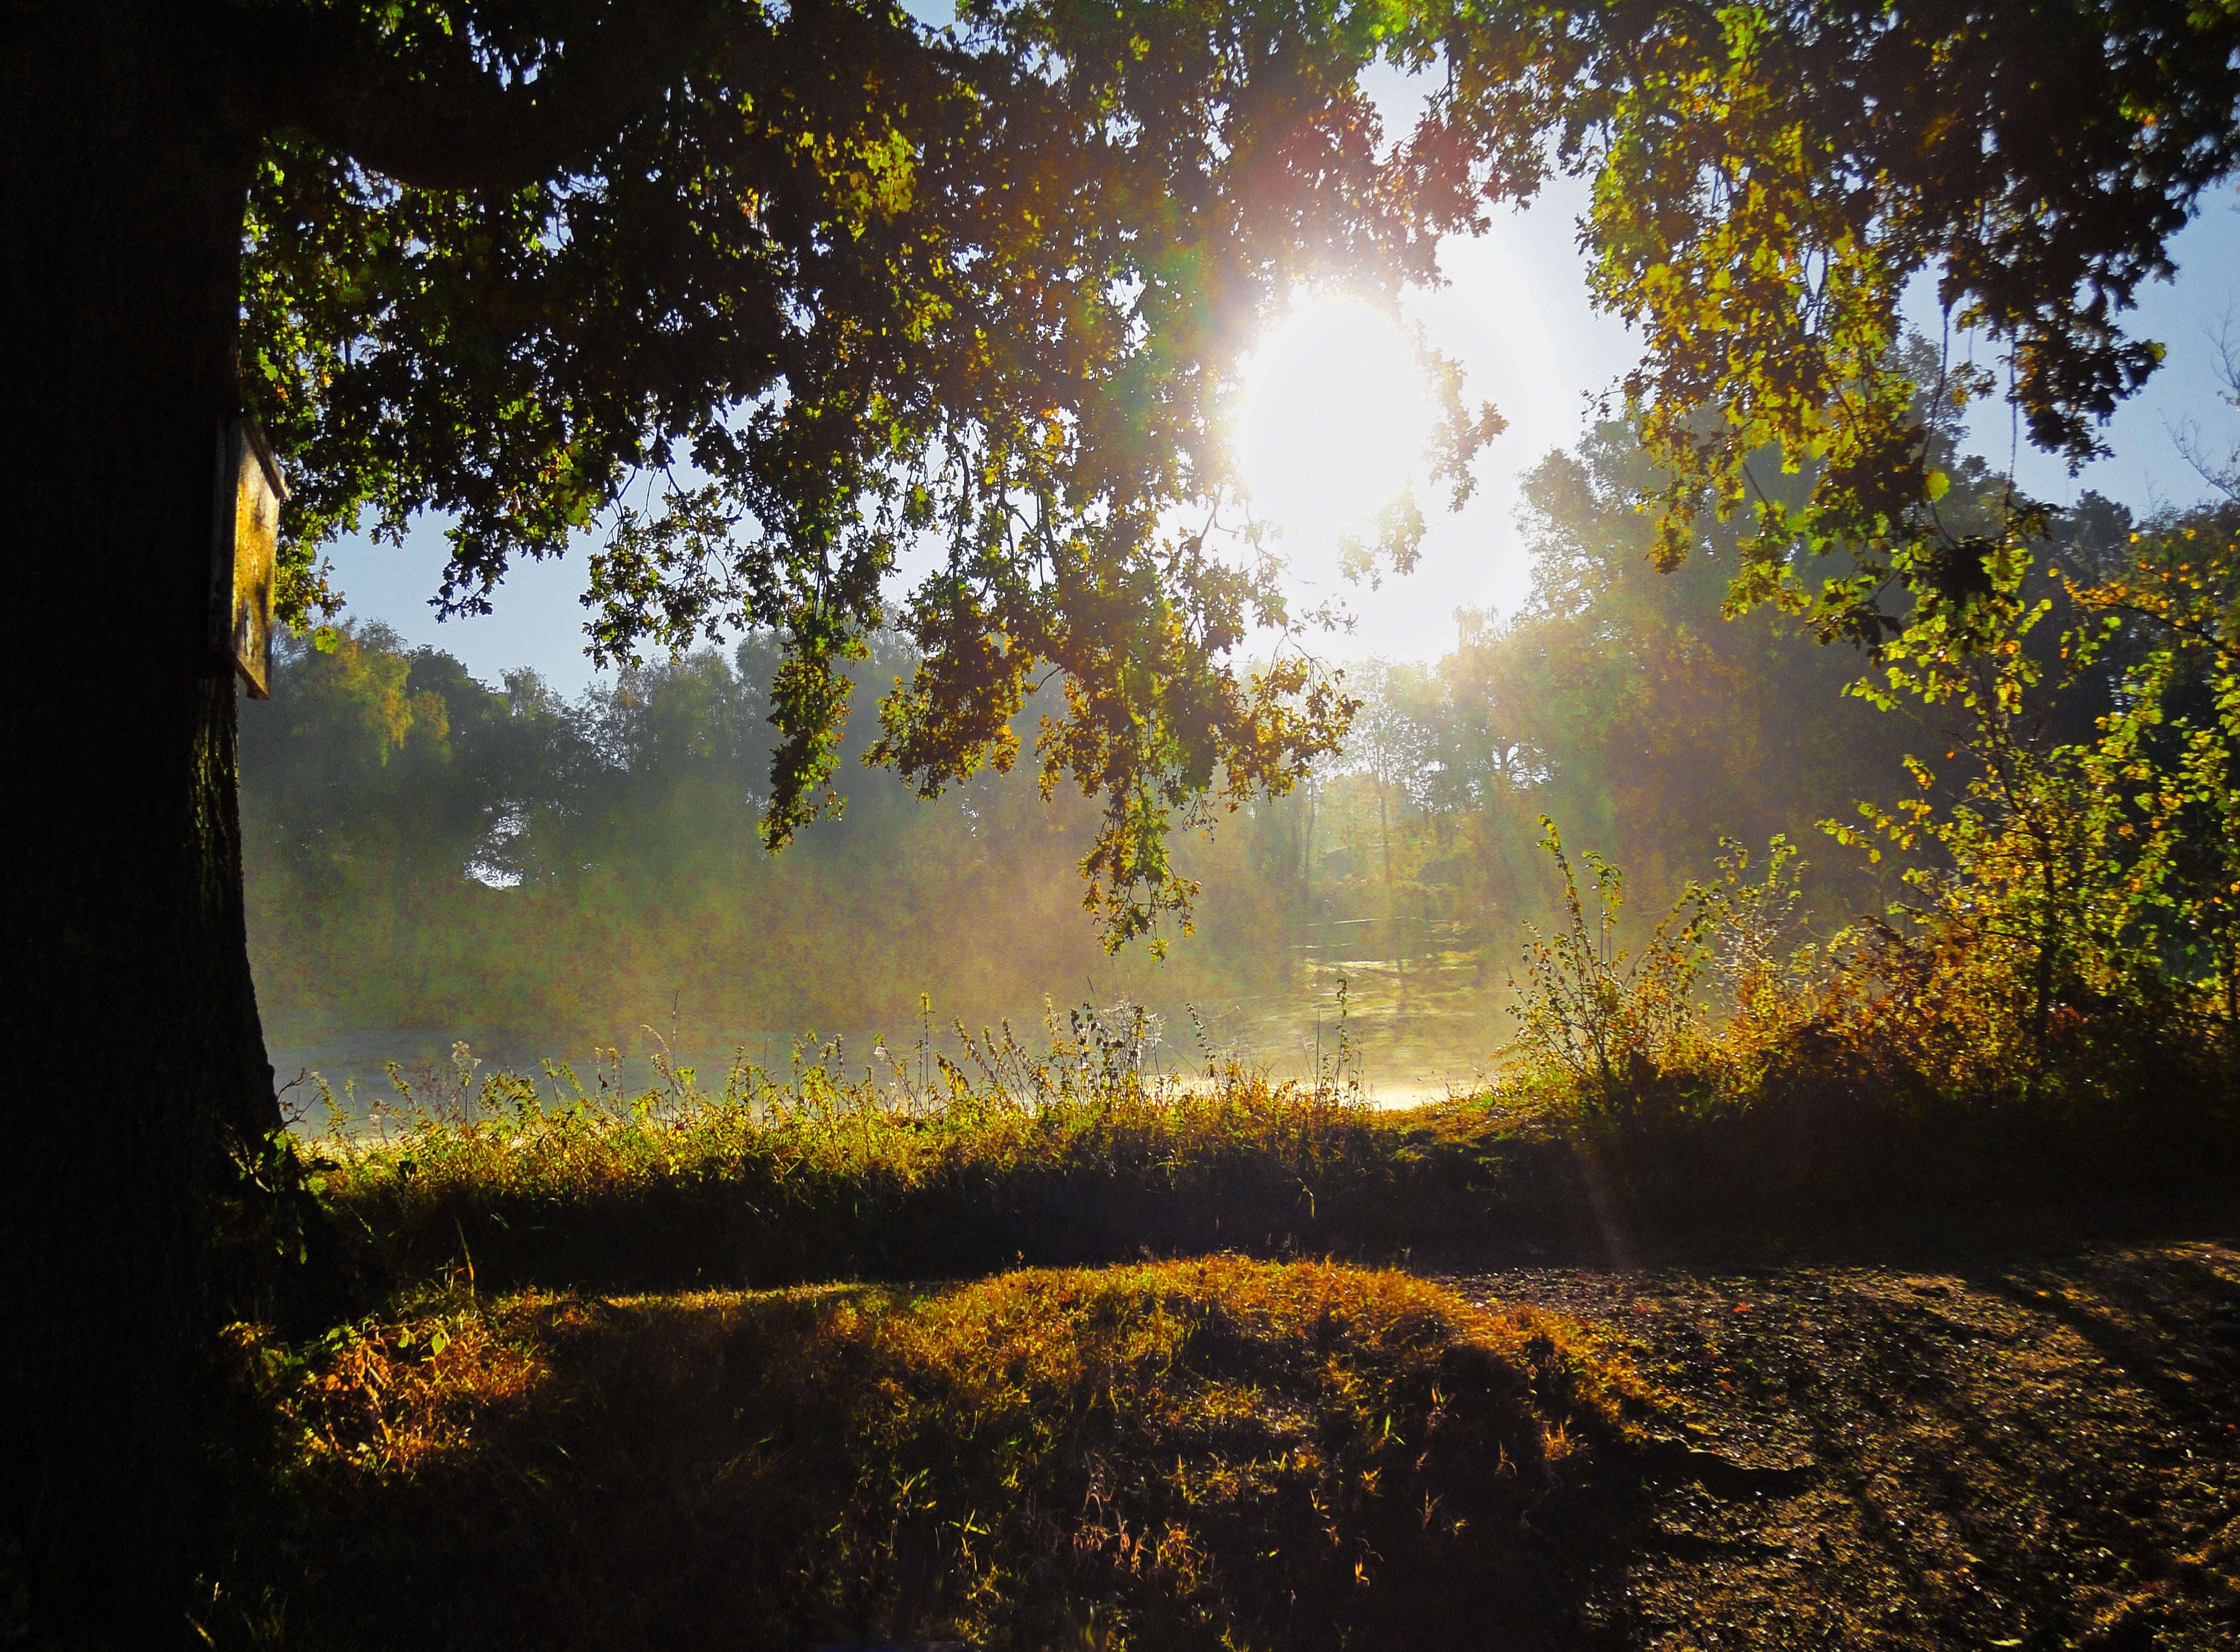 Morning Light >> File Morning Light Reigate Uk 6671828199 Jpg Wikimedia Commons